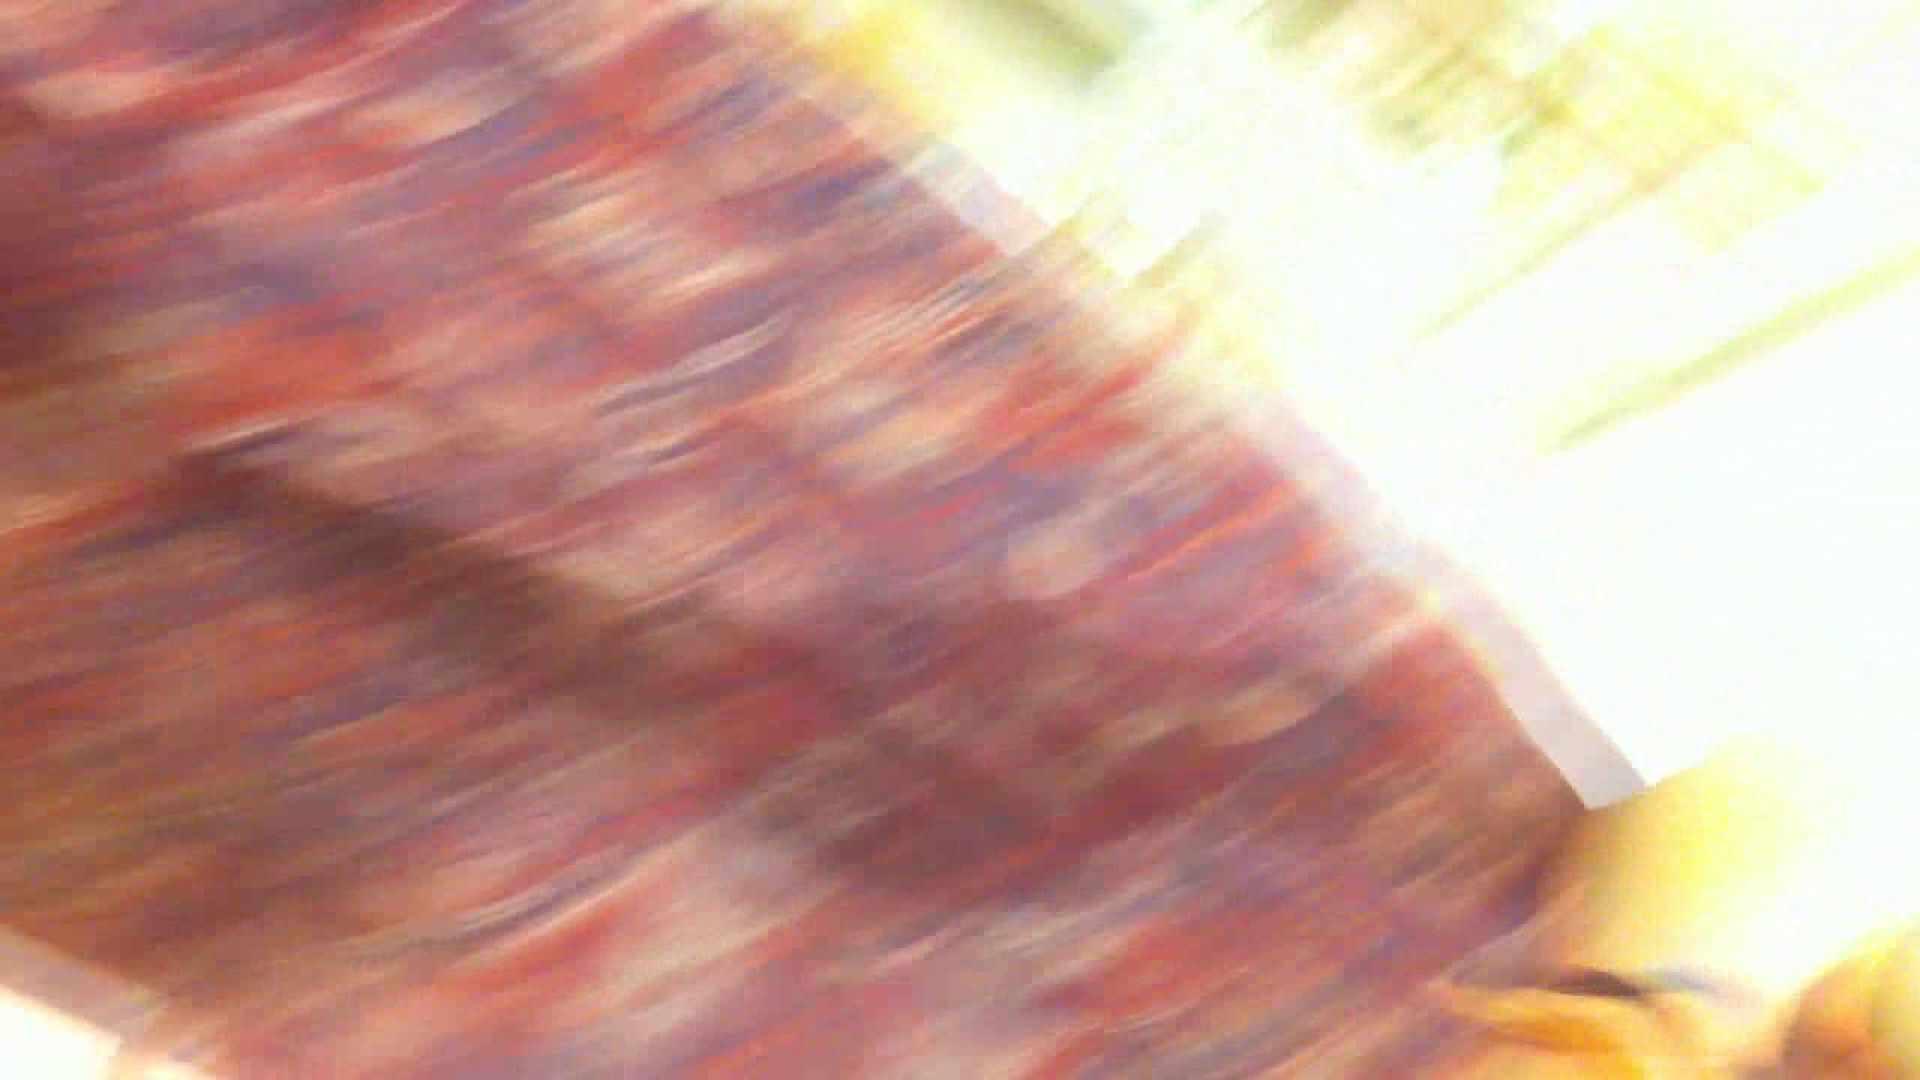 フルHD ショップ店員千人斬り! 大画面ノーカット完全版 vol.70 HなOL SEX無修正画像 94pic 23